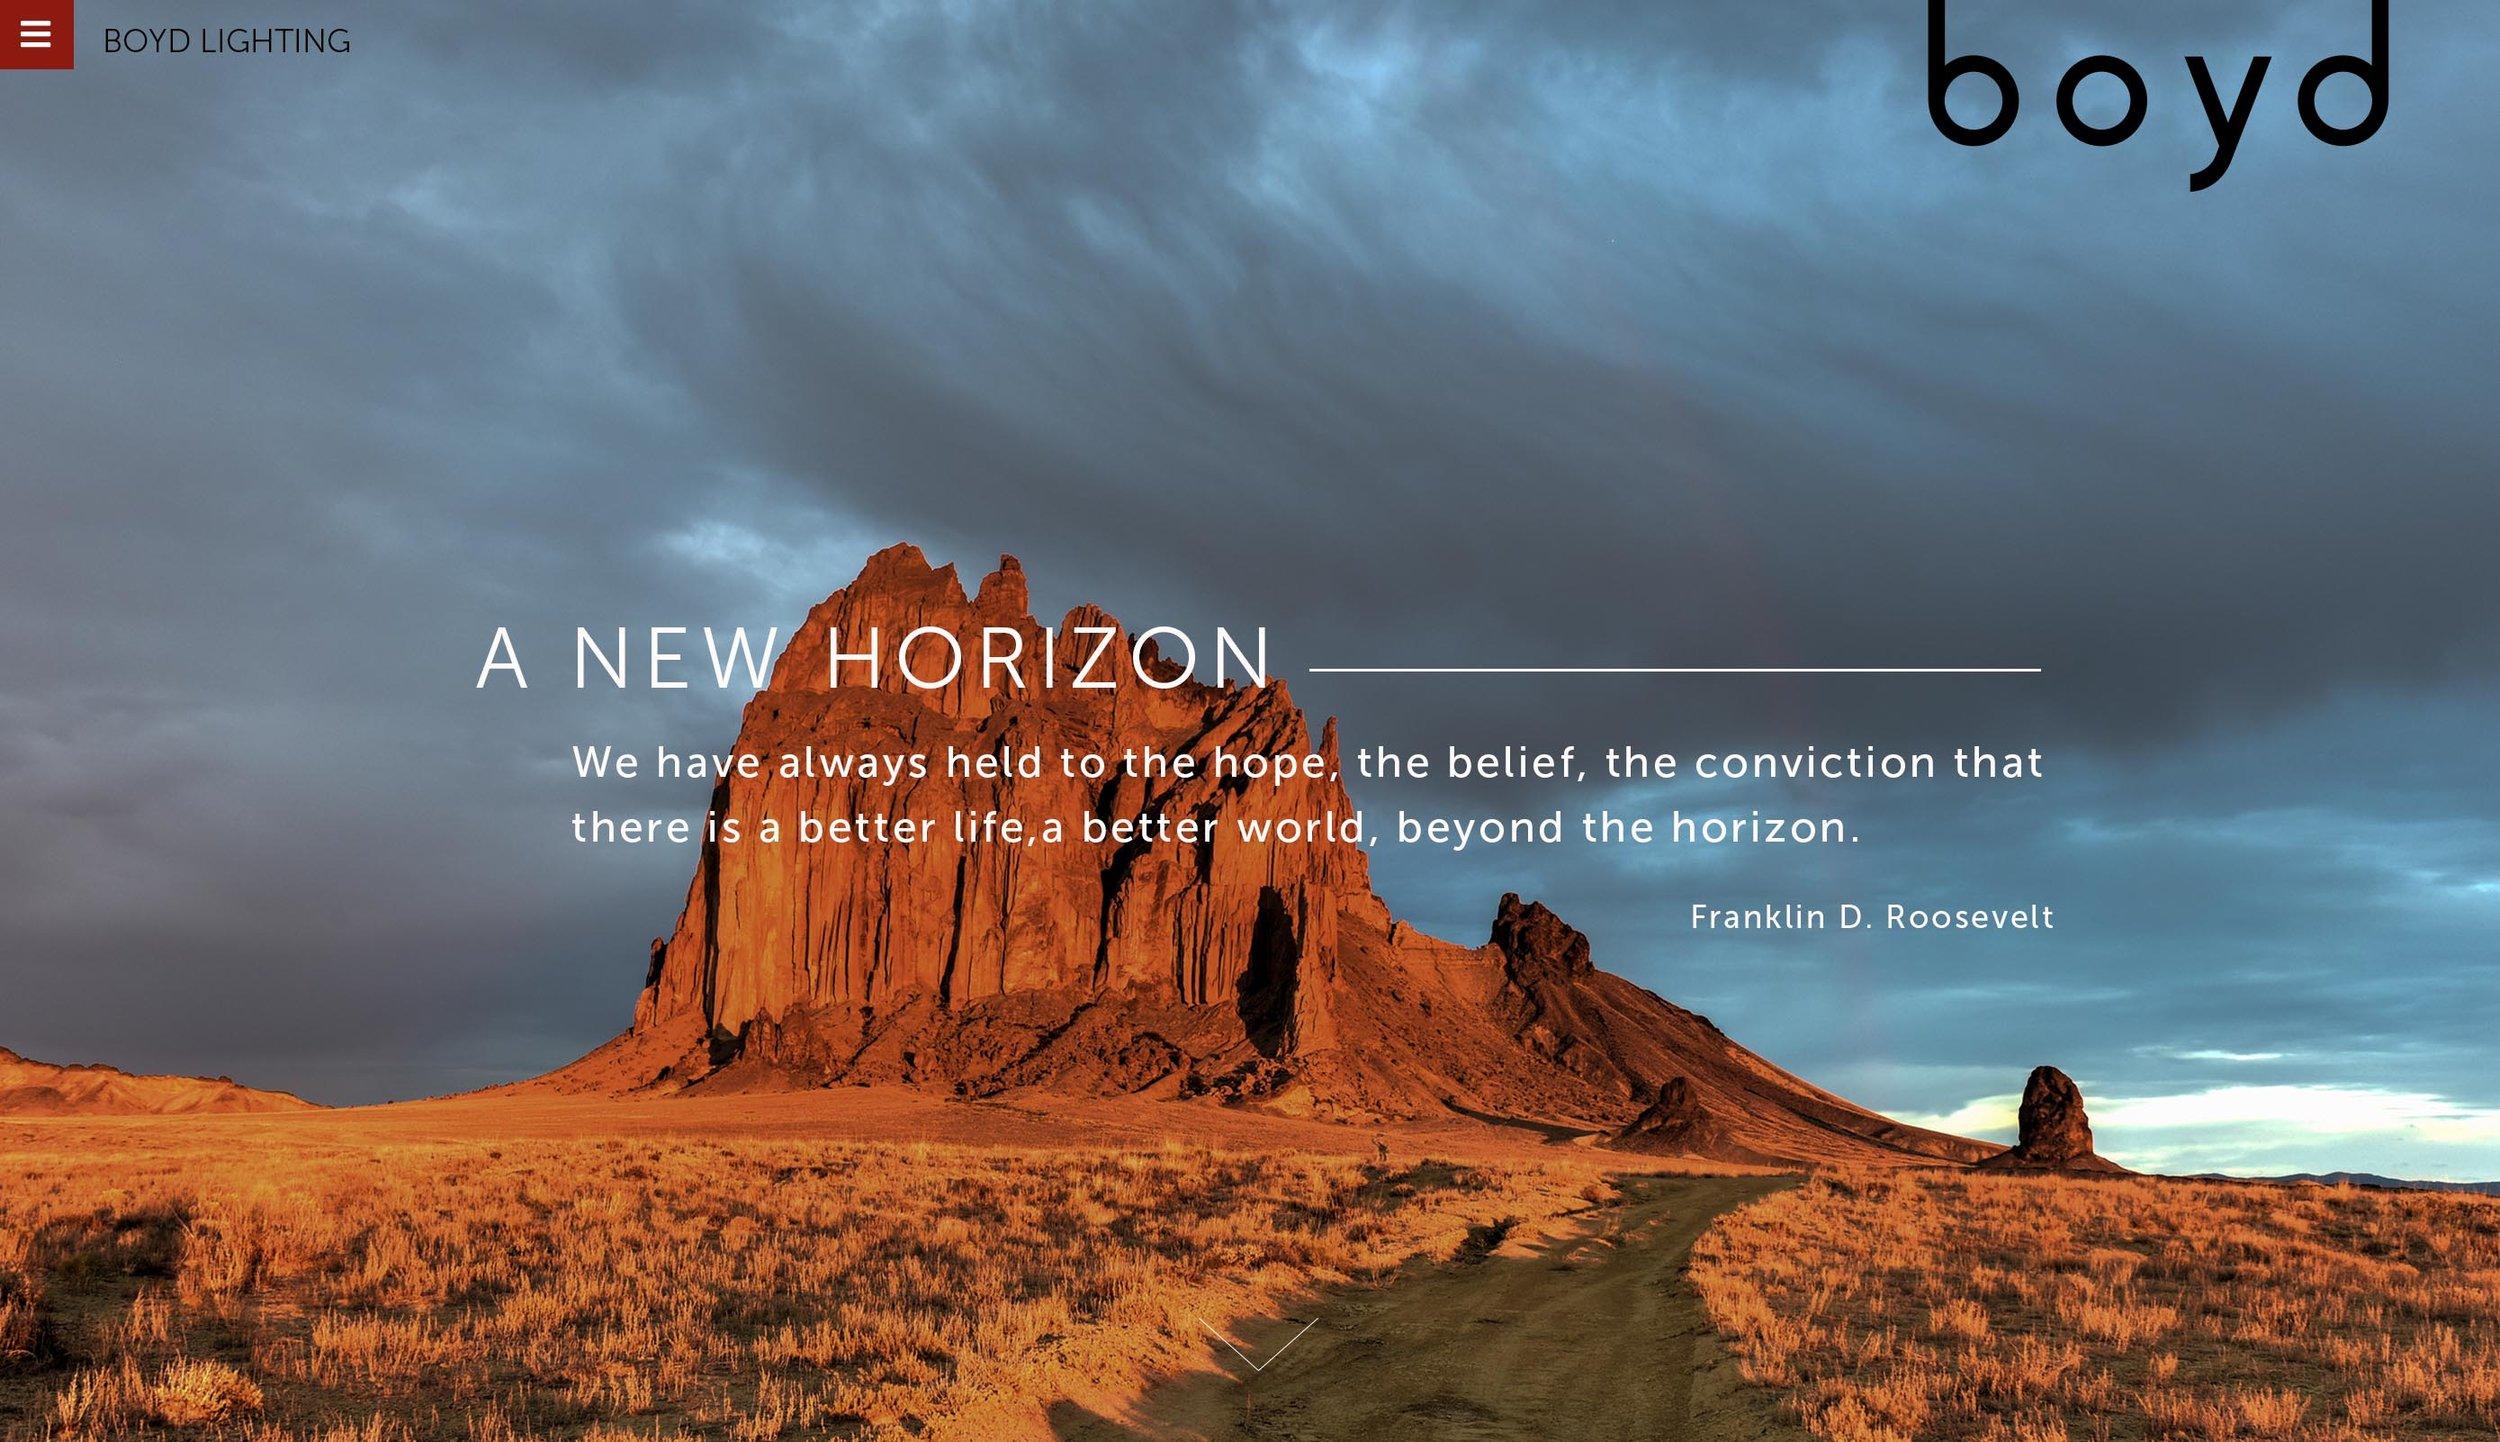 New Boyd homepage_Image1.jpg